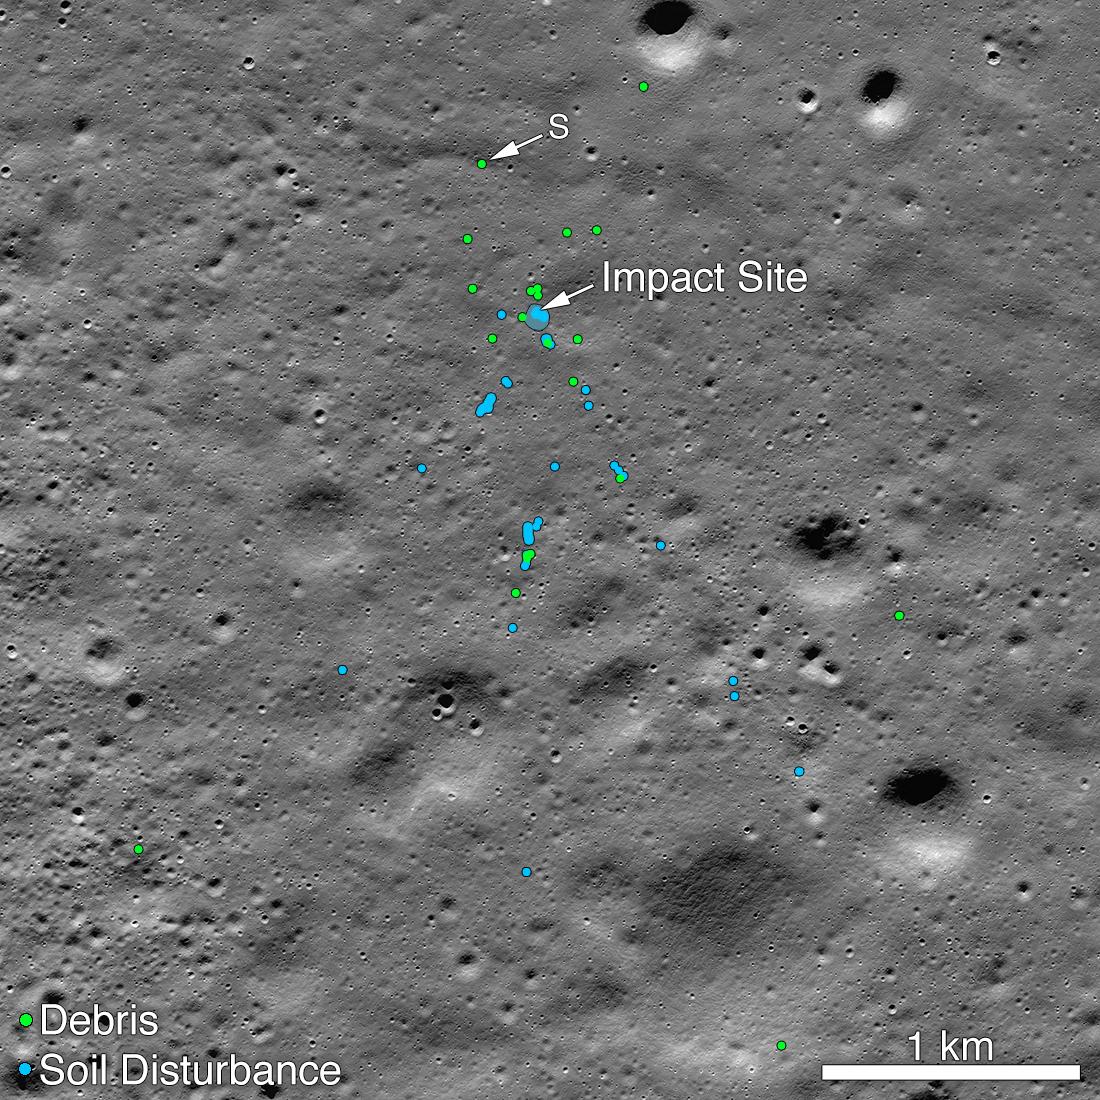 Americká orbitální sonda LRO našla na povrchu Měsíce zbytky indického přistávacího modulu Vikram